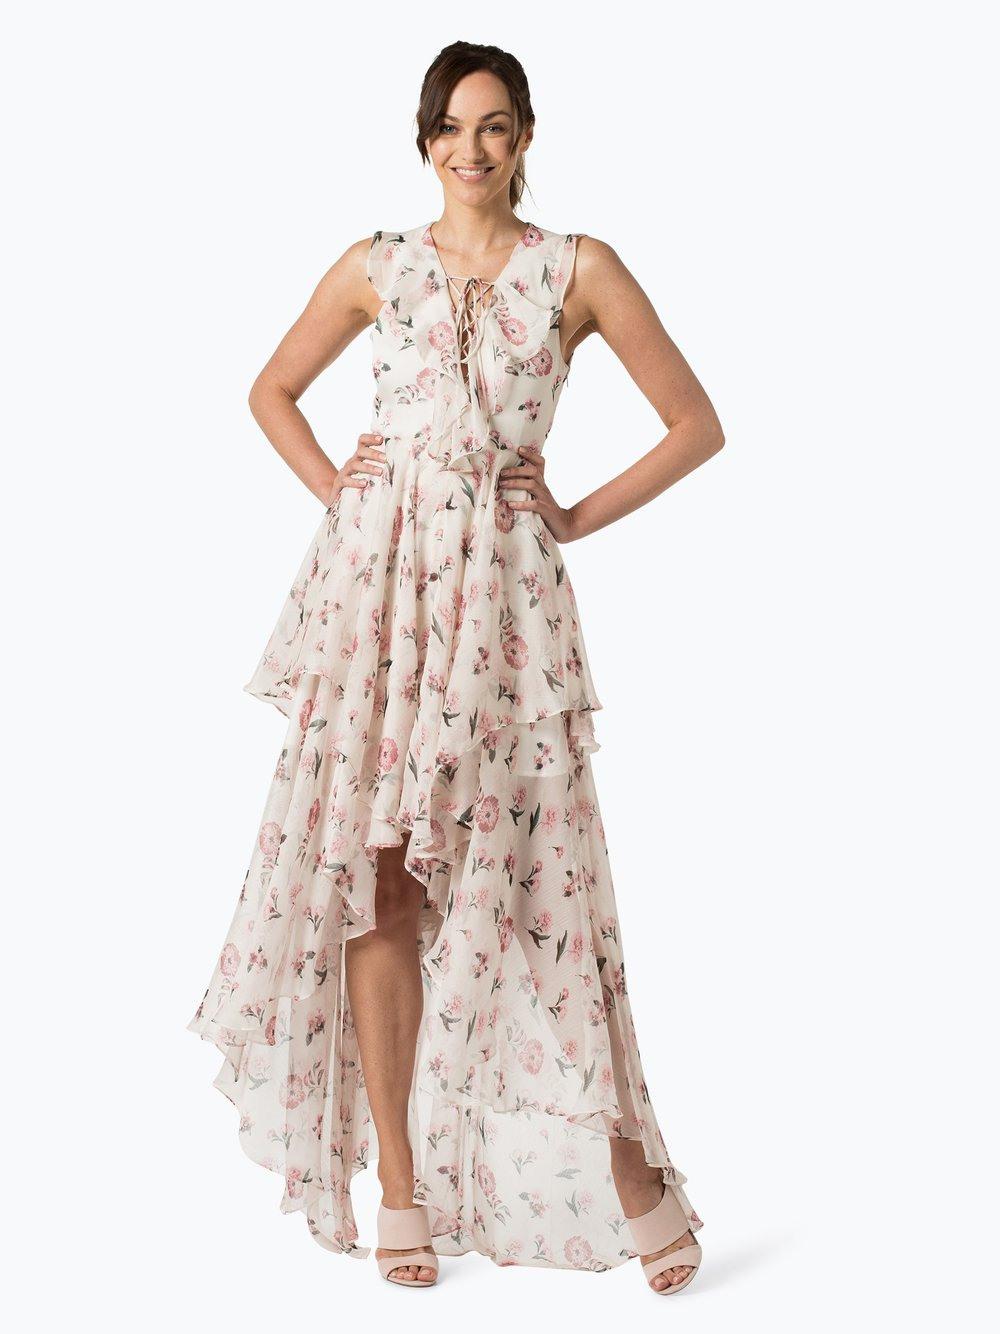 Abend Schön Yas Abendkleid ÄrmelFormal Schön Yas Abendkleid Vertrieb